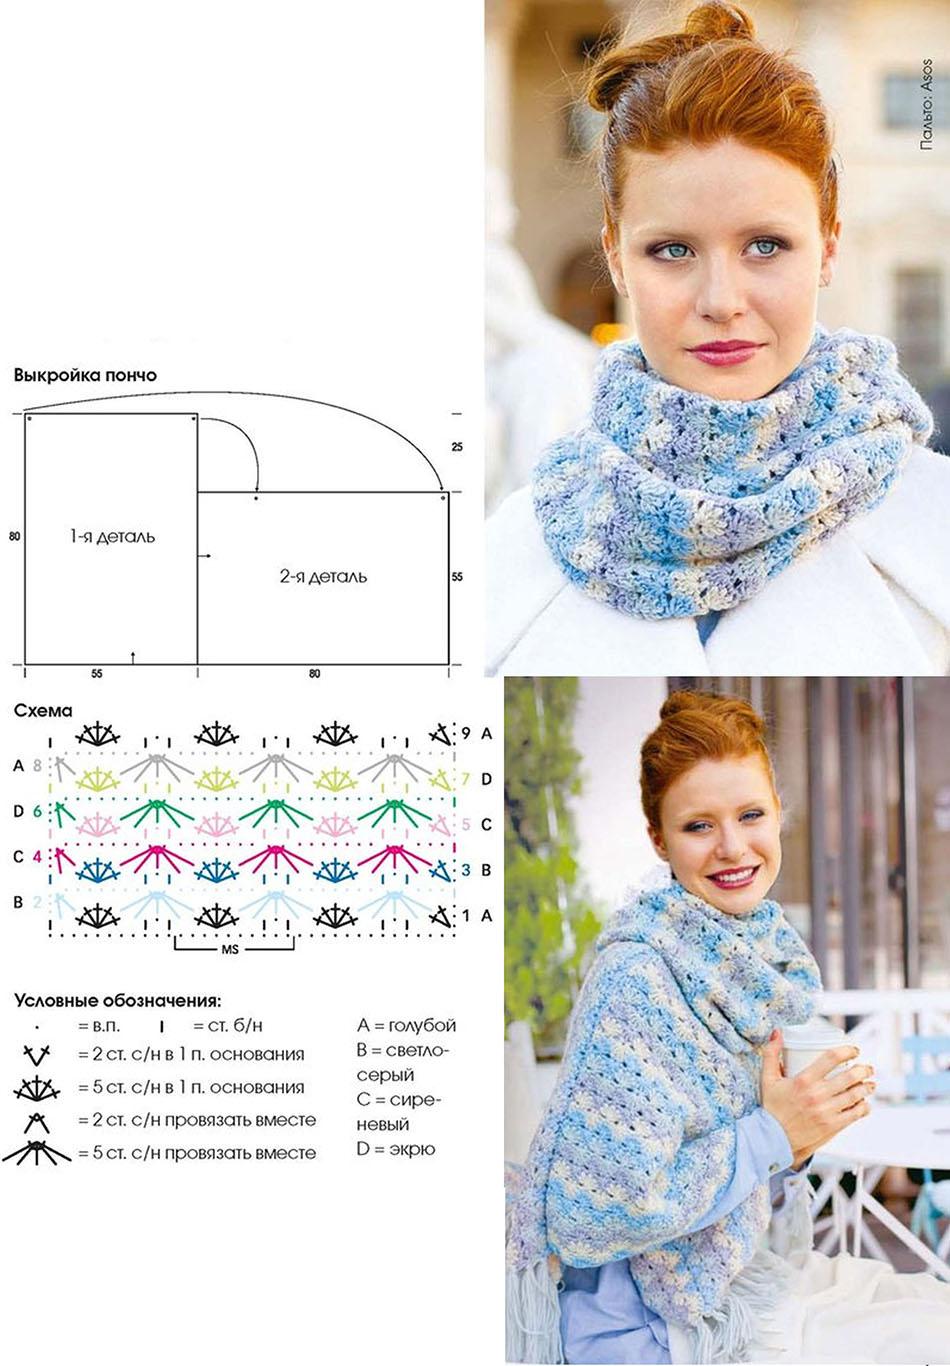 http://vjazalochka.com/images/stories/img/site_3/model_35/m_031-2.jpg